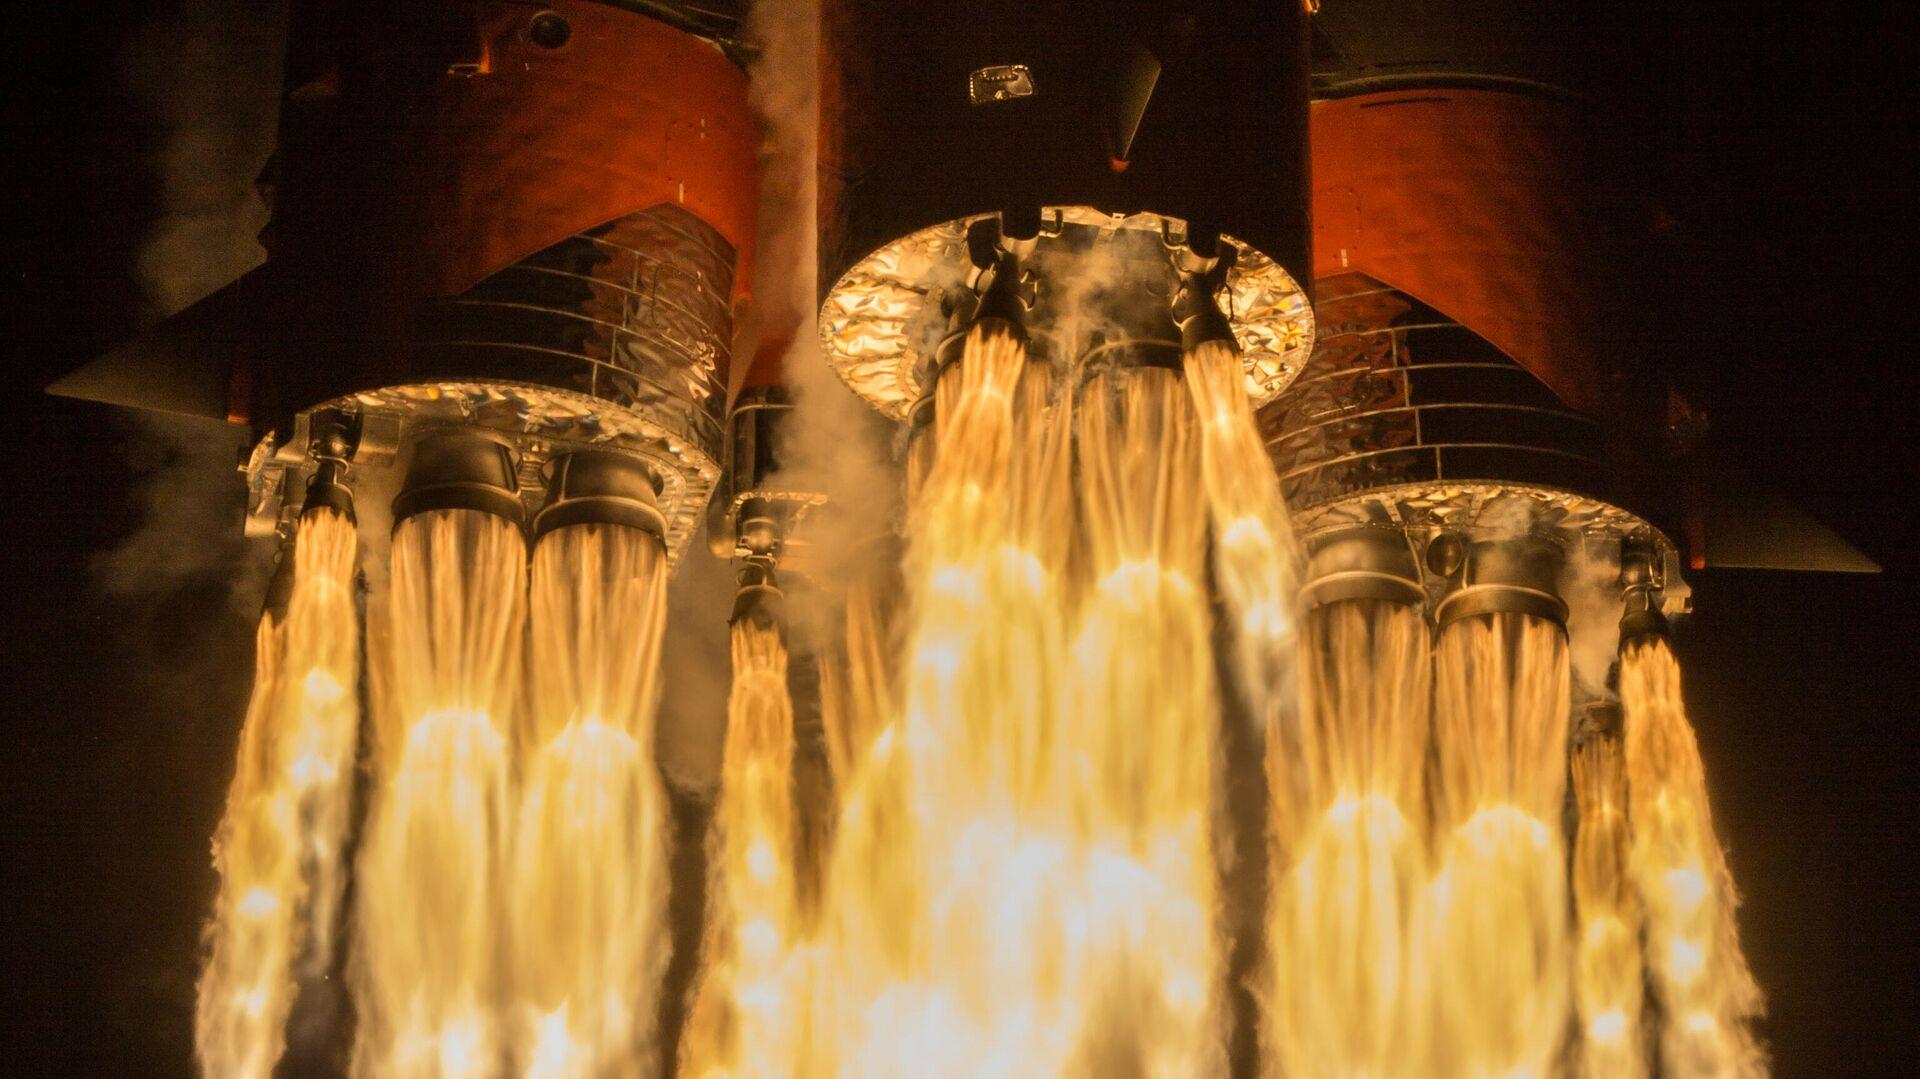 Пуск ракеты-носителя Союз-2.1б с разгонным блоком Фрегат и 34 космическими аппаратами OneWeb на борту с космодрома Байконур - РИА Новости, 1920, 24.03.2021